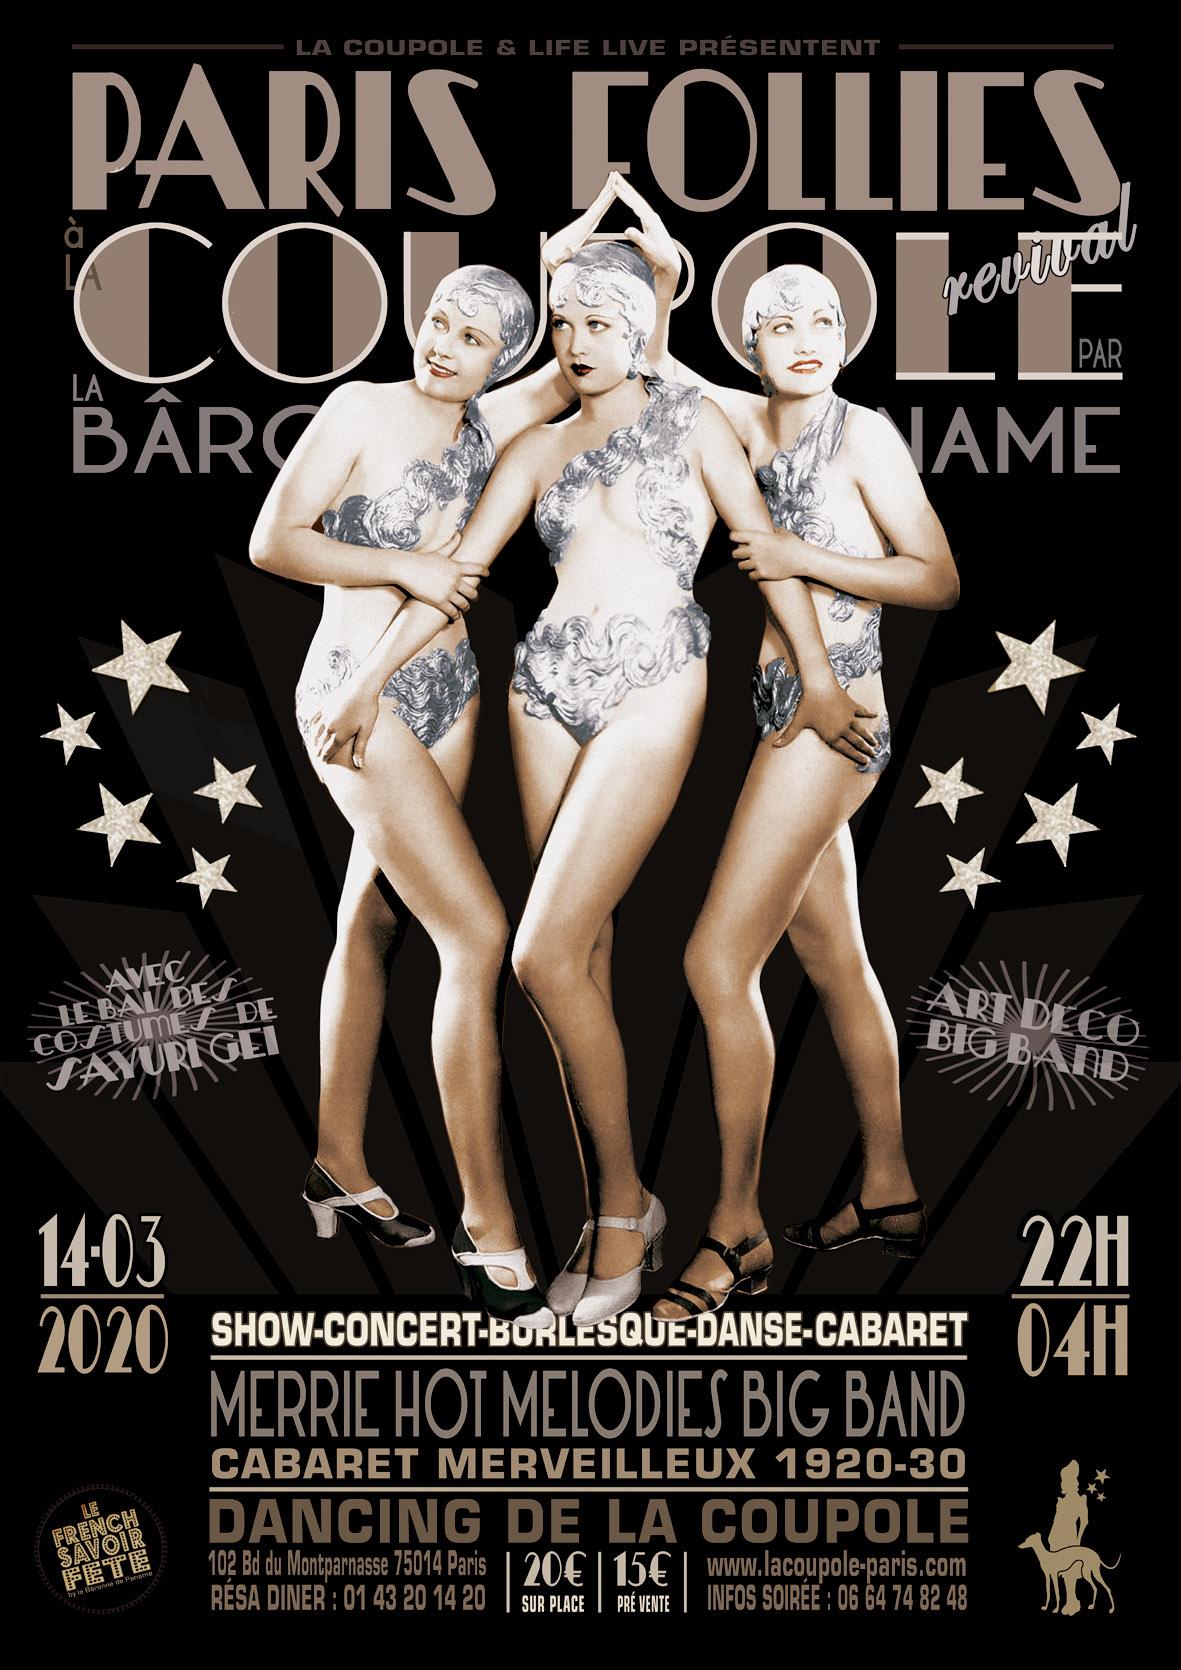 ★ DANCING DE LA COUPOLE : PARIS FOLLIES REVIVAL ★